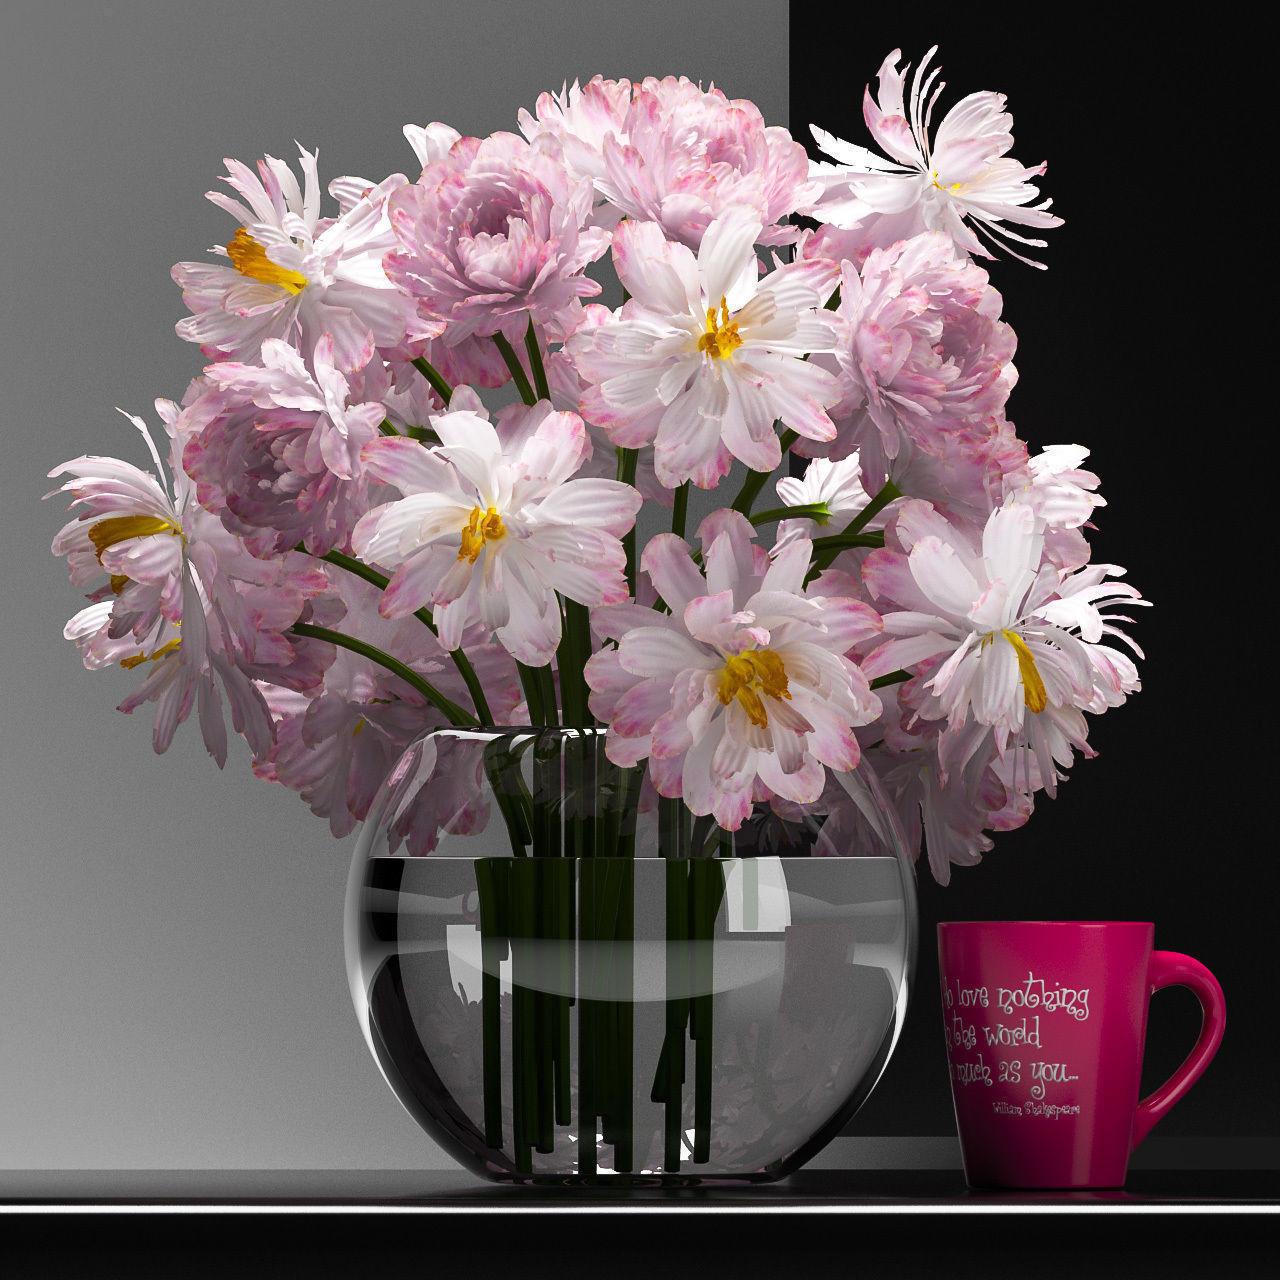 bouquet vase holder of antique flower vase image antique sterling silver bud vase 0h vases with regard to antique flower vase collection wrh 20preview 2001h vases 3d flower vase preview 01 j